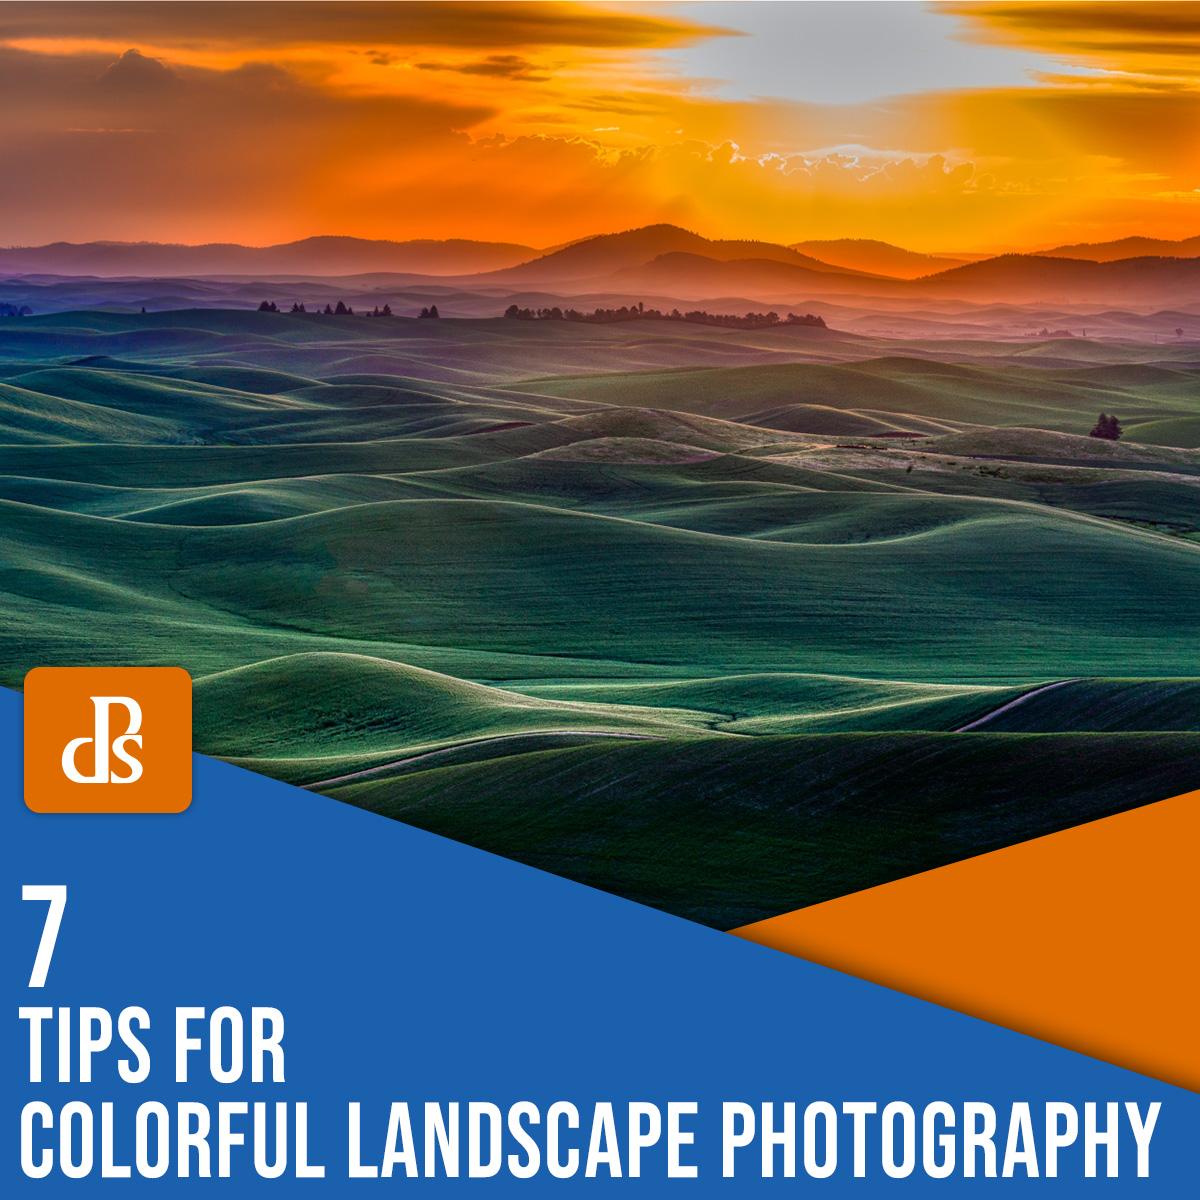 7 dicas para fotografia de paisagem colorida